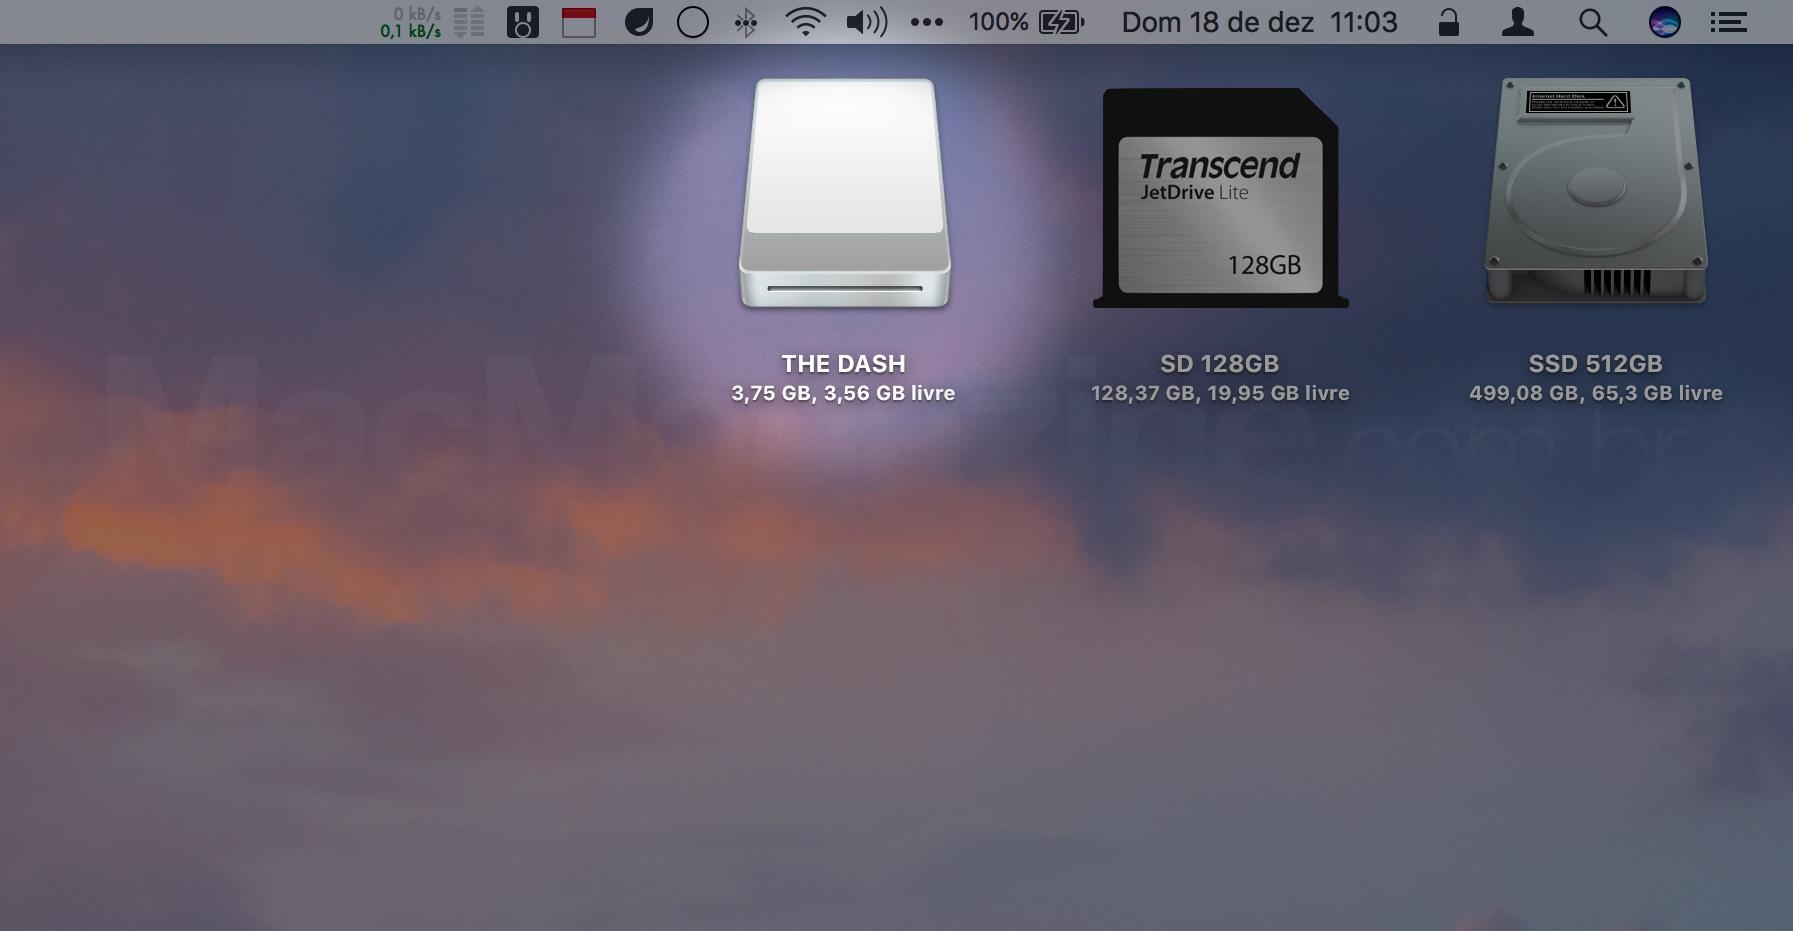 The Dash conectado ao Mac via USB